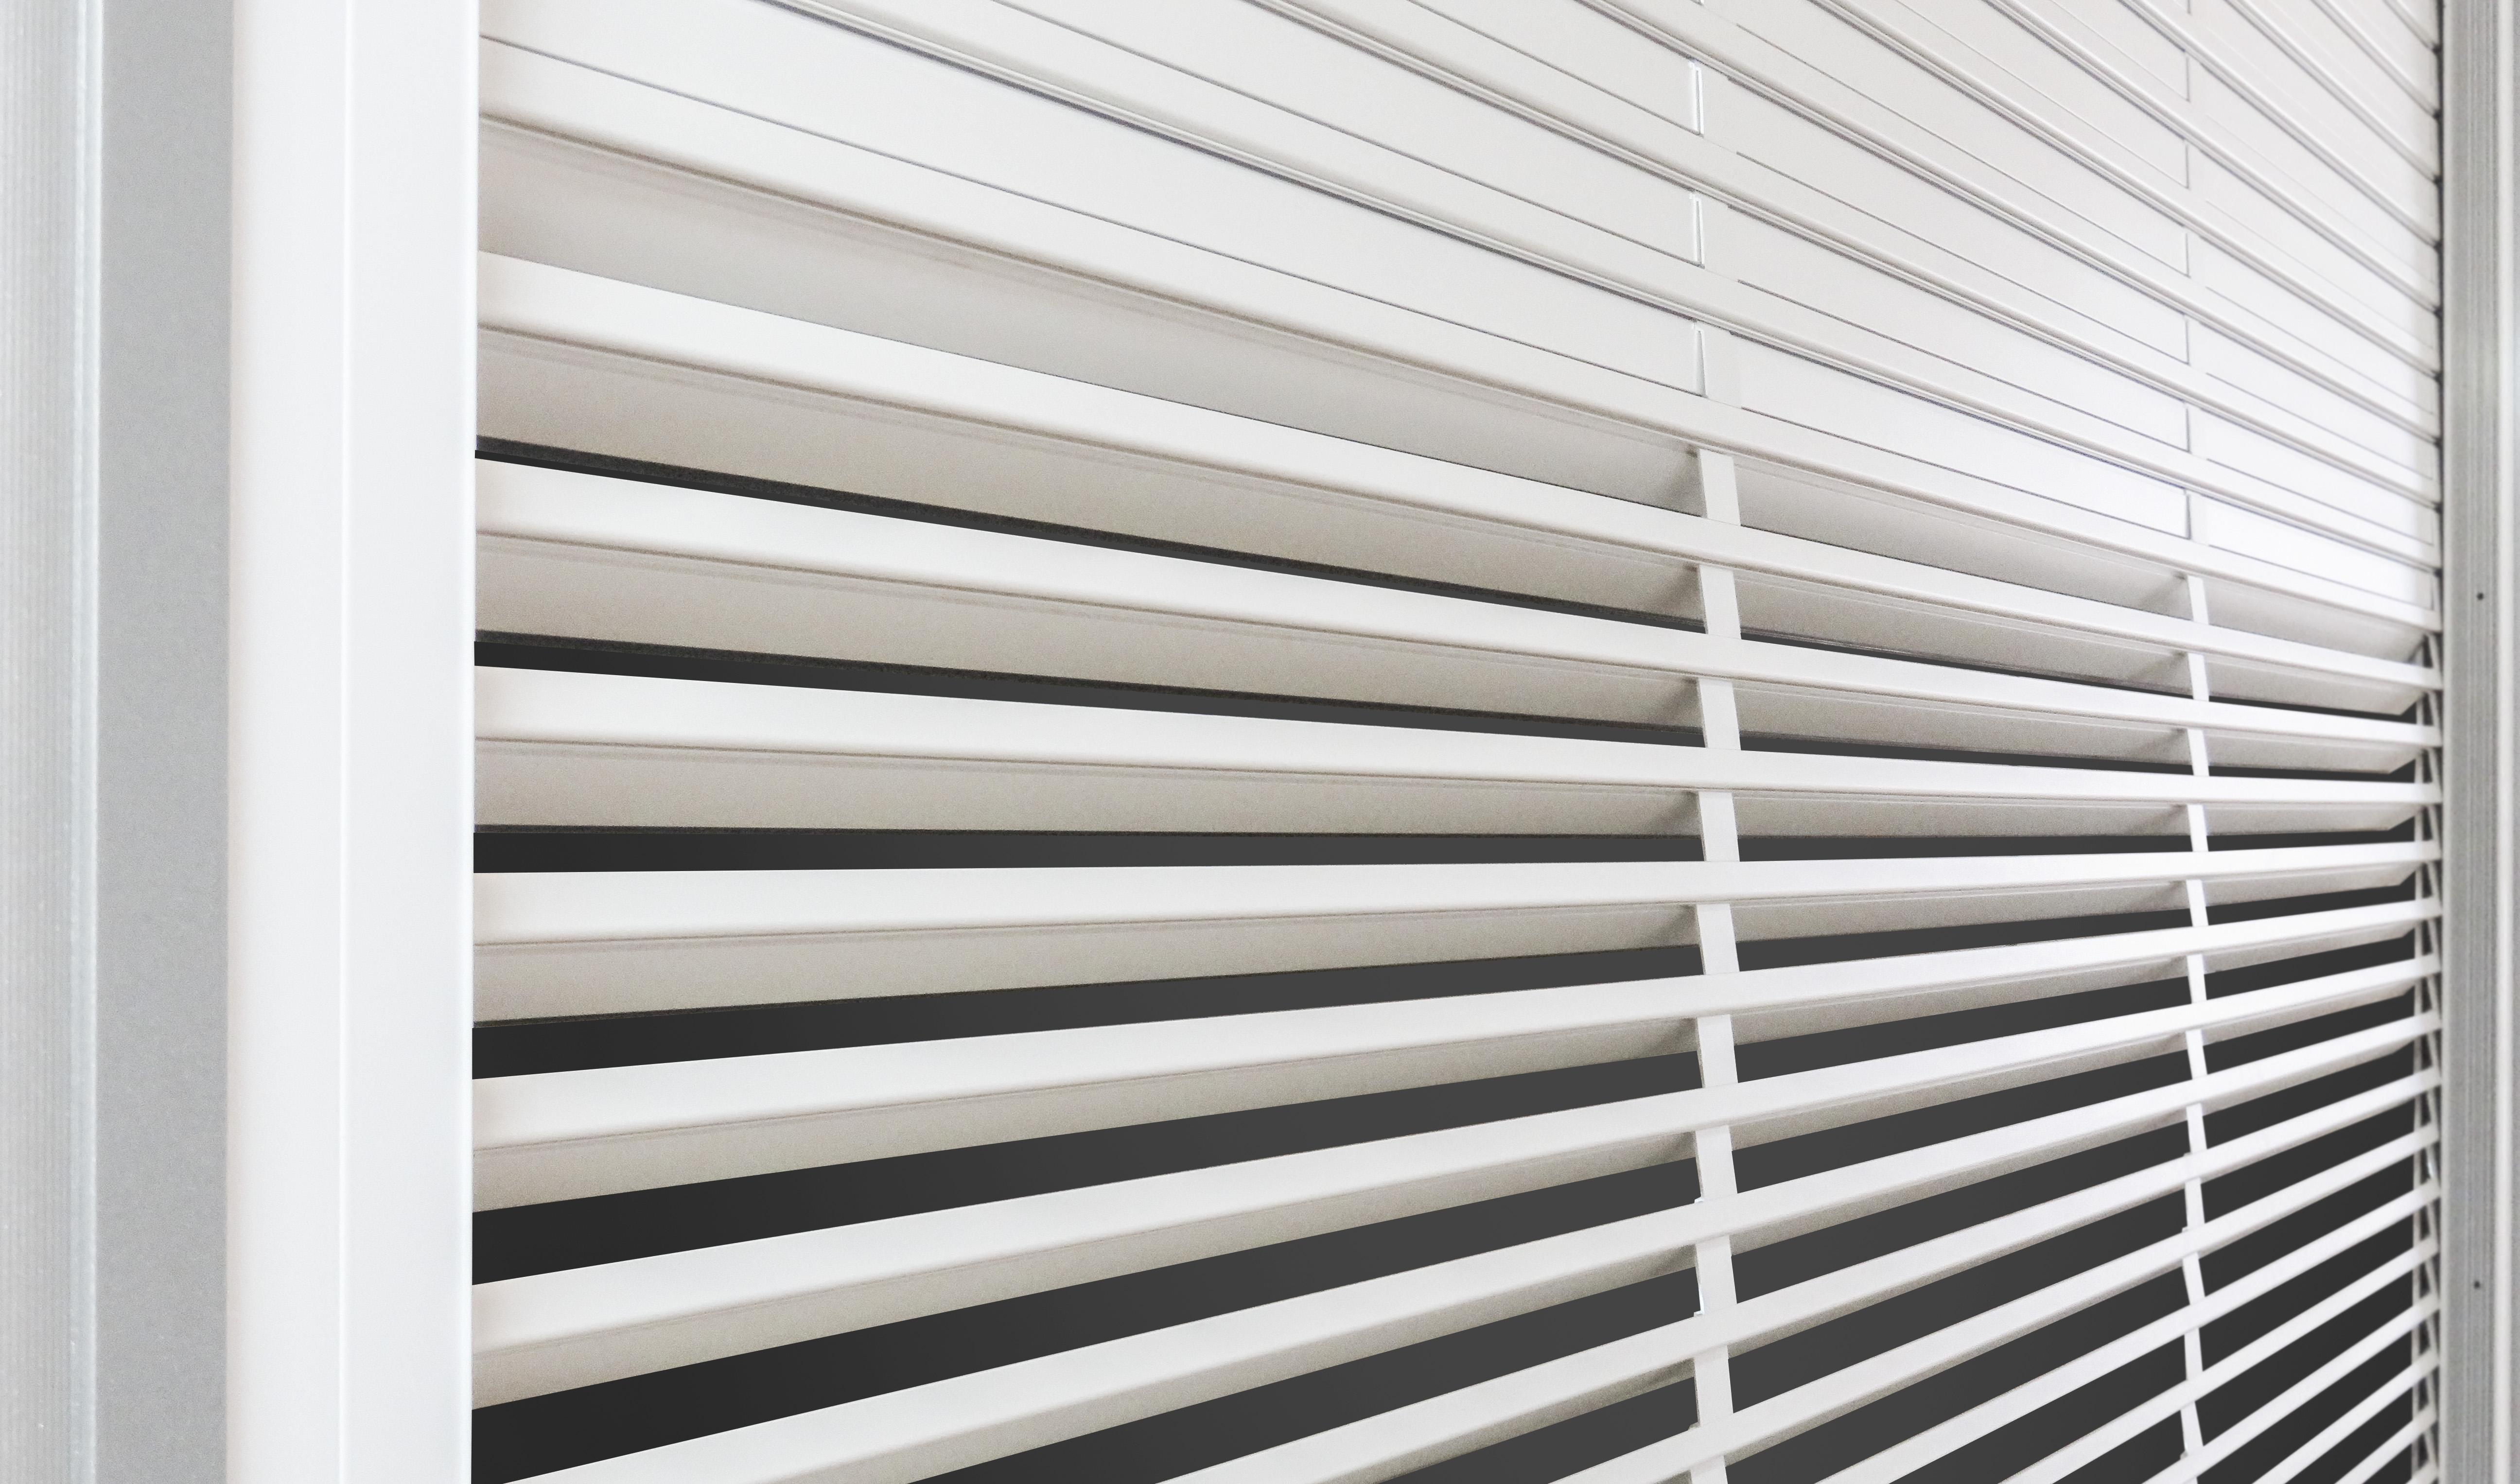 Avvolgibili in alluminio e blindati Mantova Modena Reggio Emilia